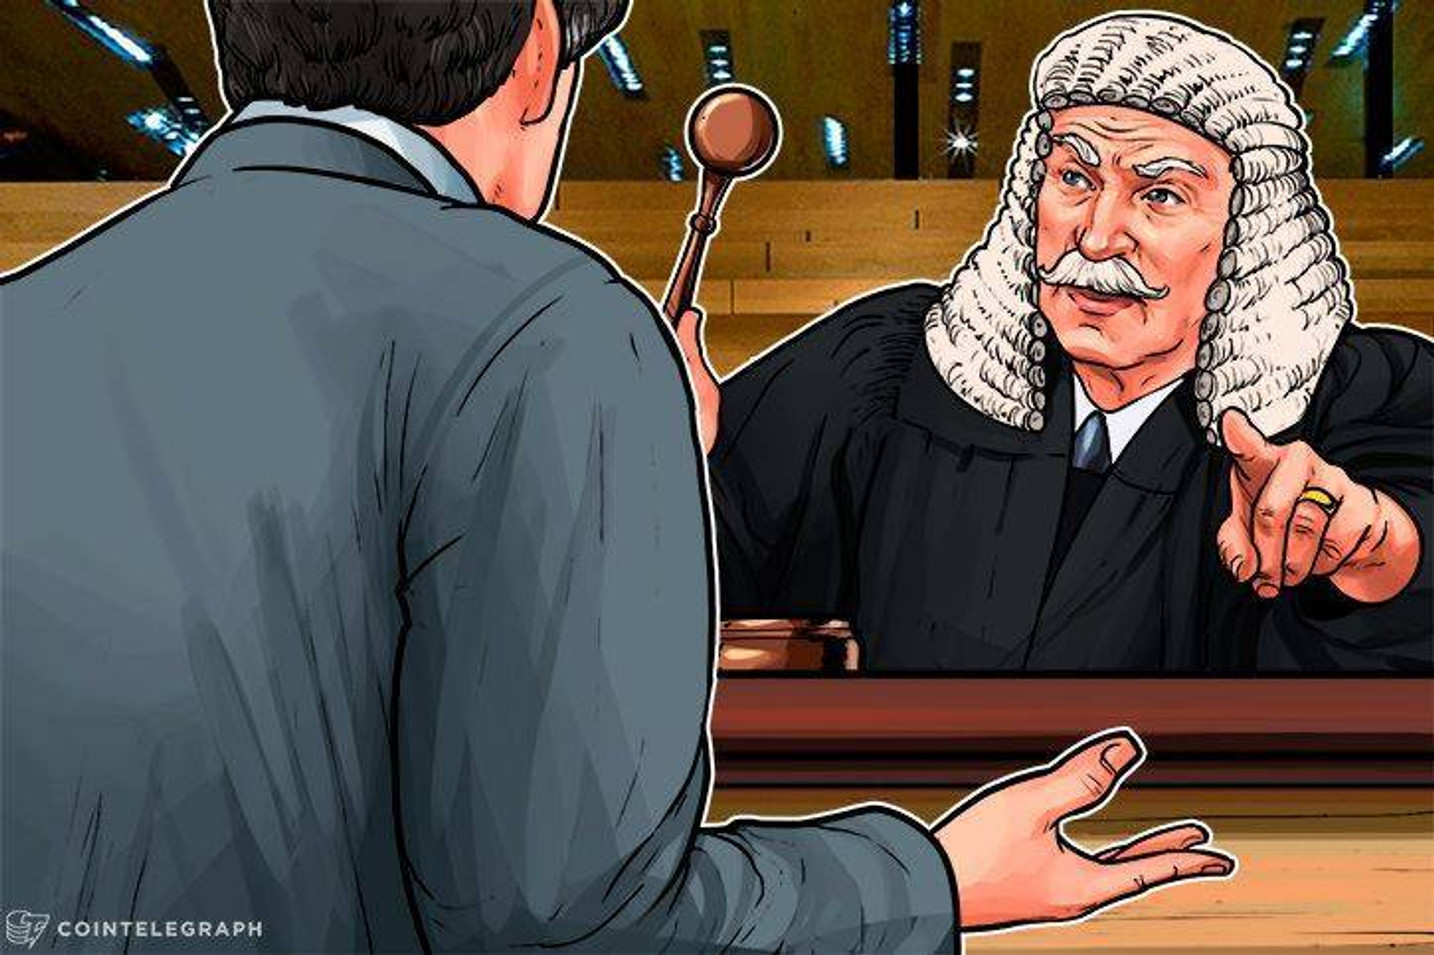 イタリア当局、取引所ビットグレイルが保管するビットコイン押収 裁判者の決定受け